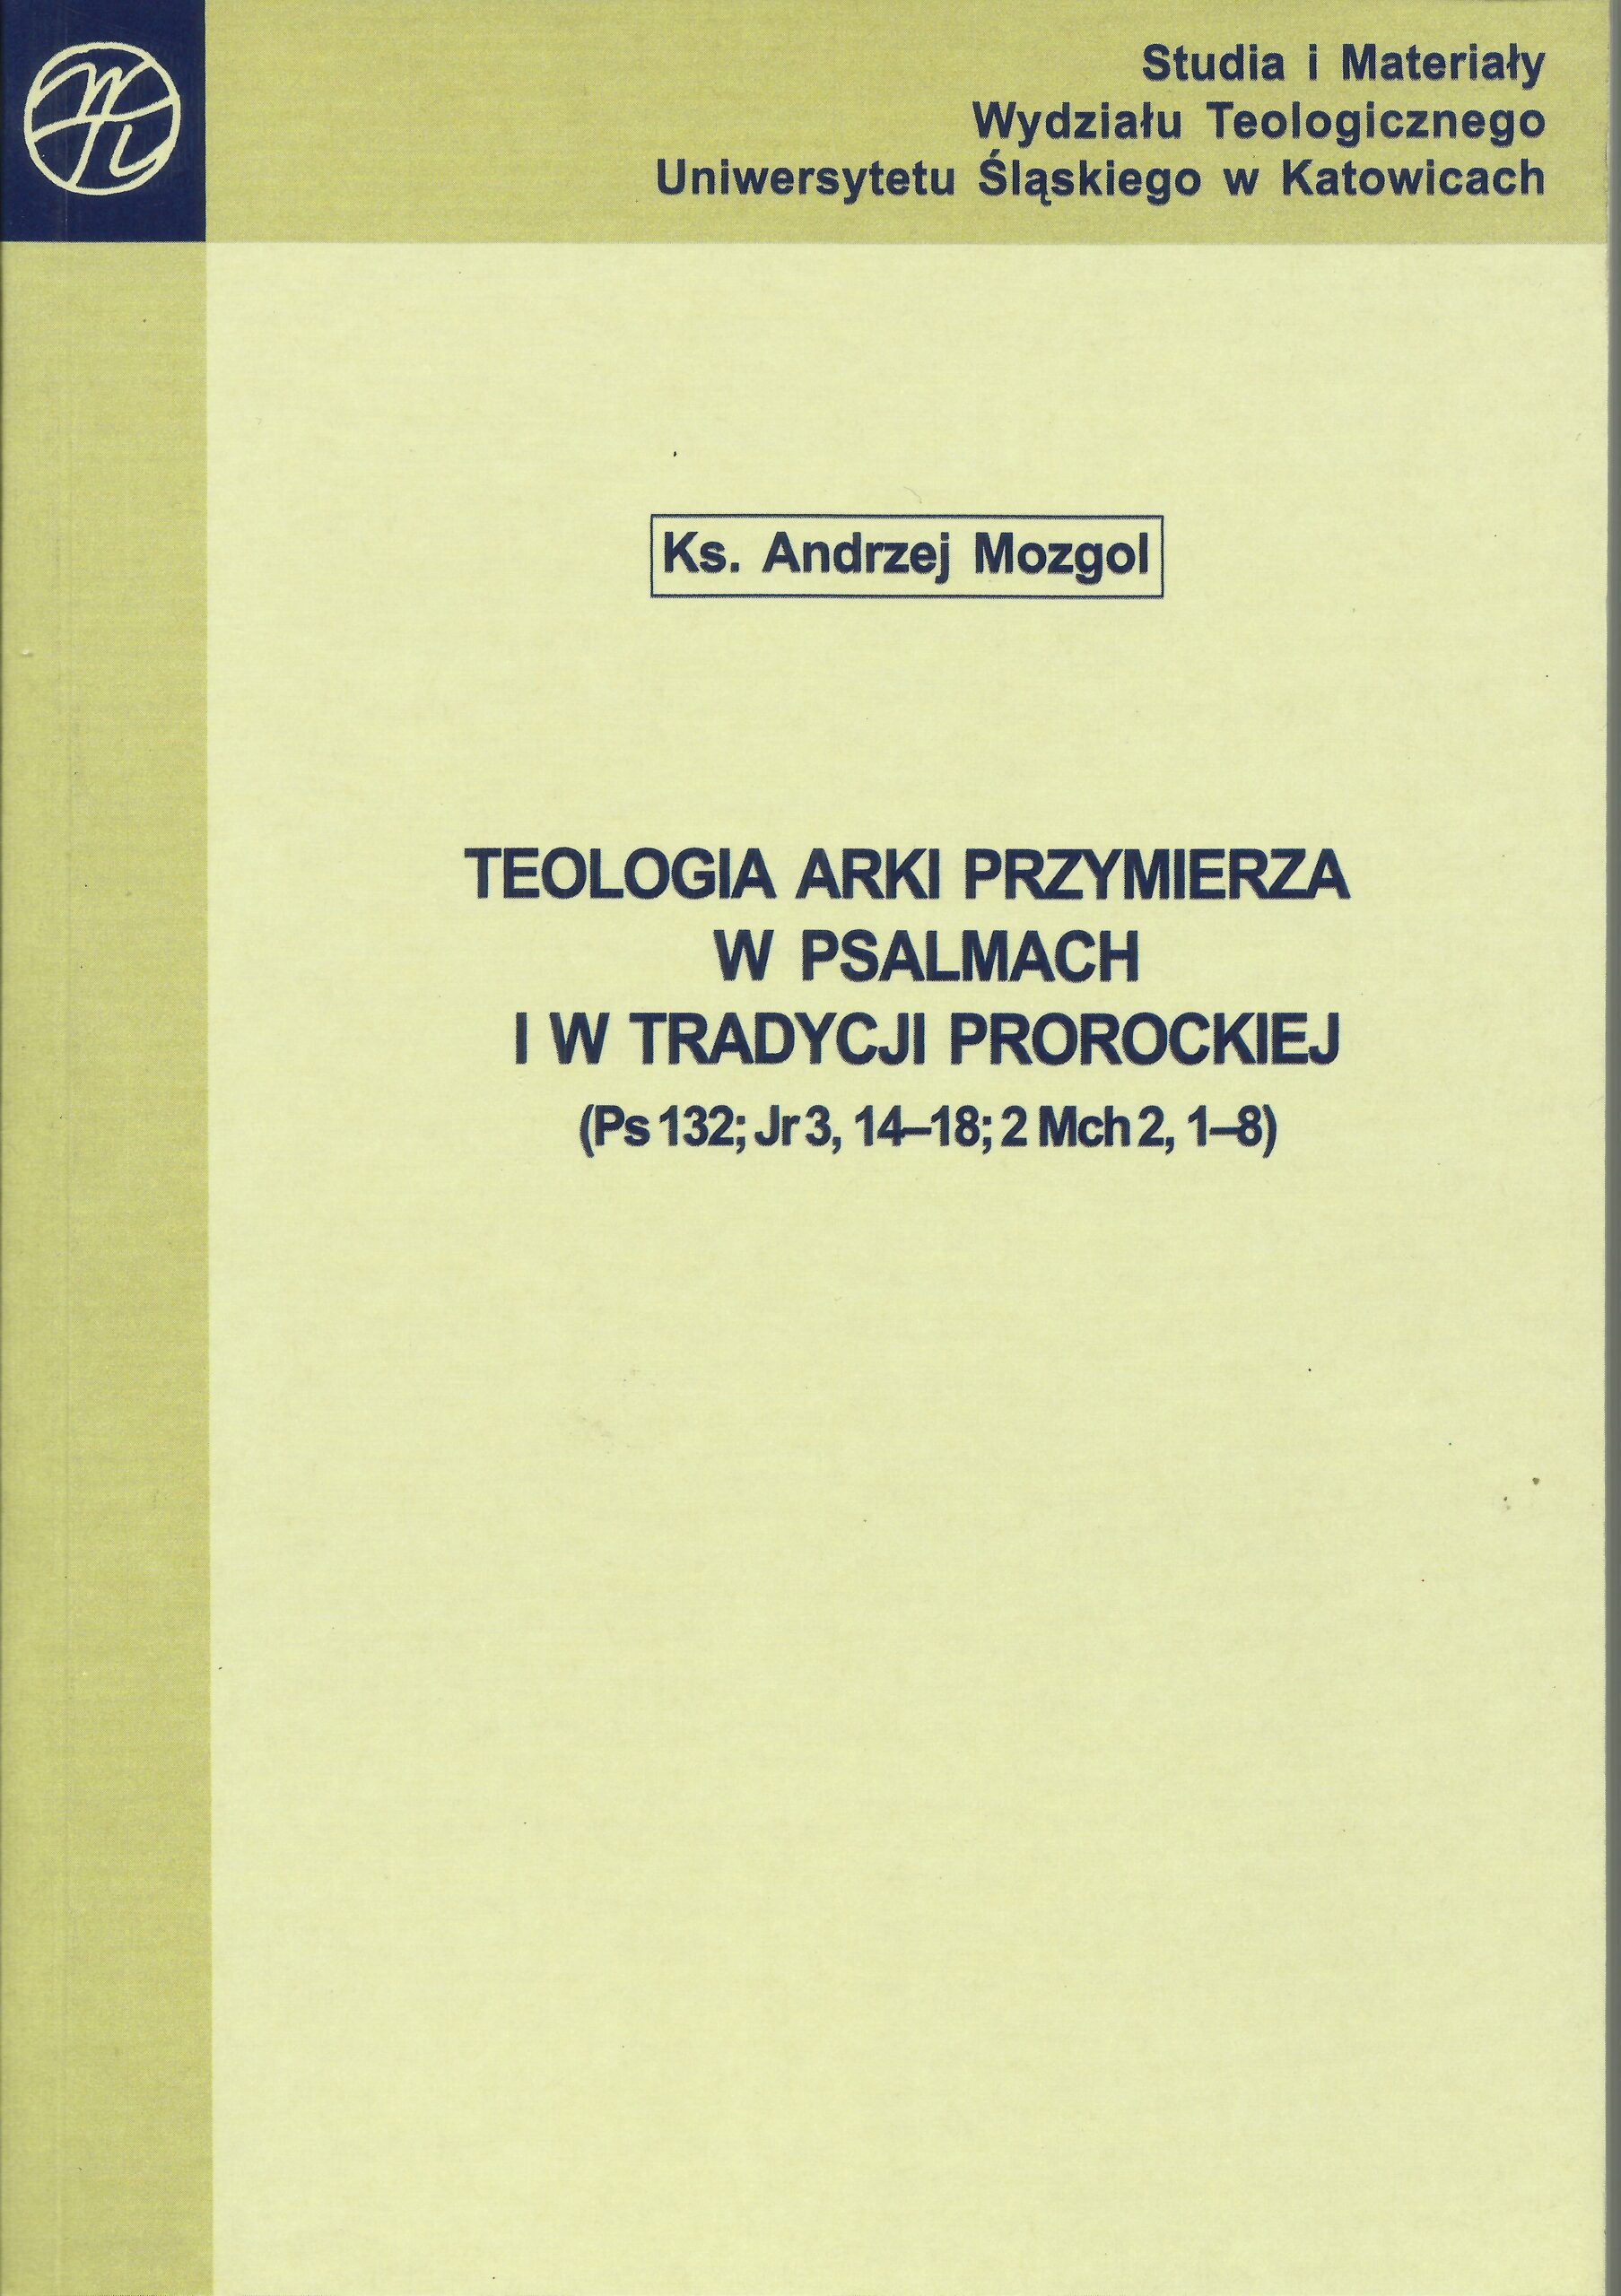 Teologia Arki Przymierza w Psalmach i w tradycji prorockiej (Ps 132; Jr 3, 14-18; 2 Mch2, 1-8)